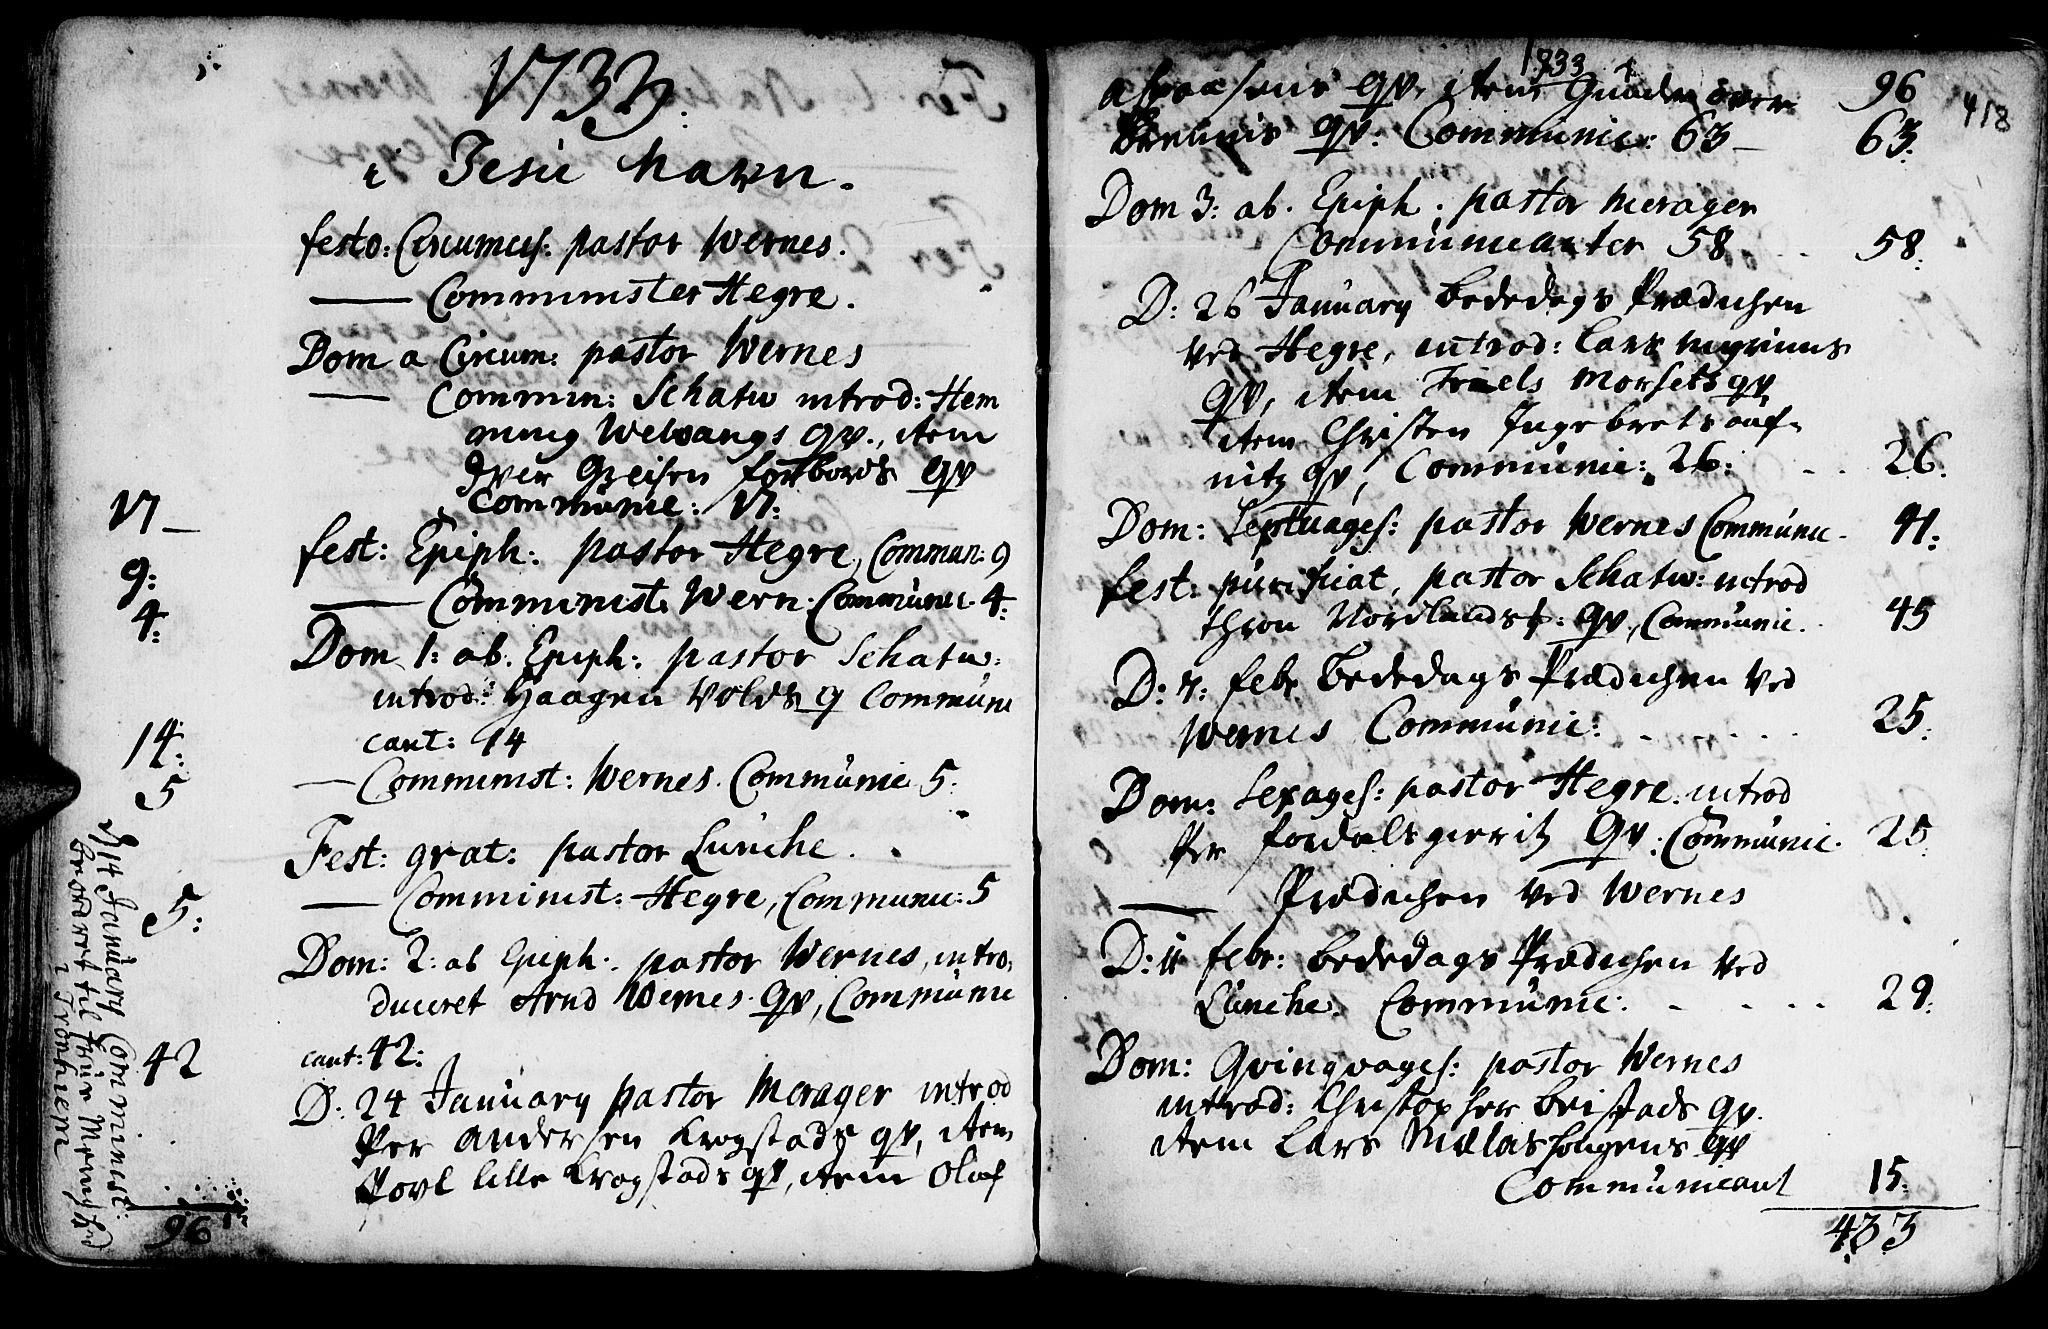 SAT, Ministerialprotokoller, klokkerbøker og fødselsregistre - Nord-Trøndelag, 709/L0054: Ministerialbok nr. 709A02, 1714-1738, s. 417-418